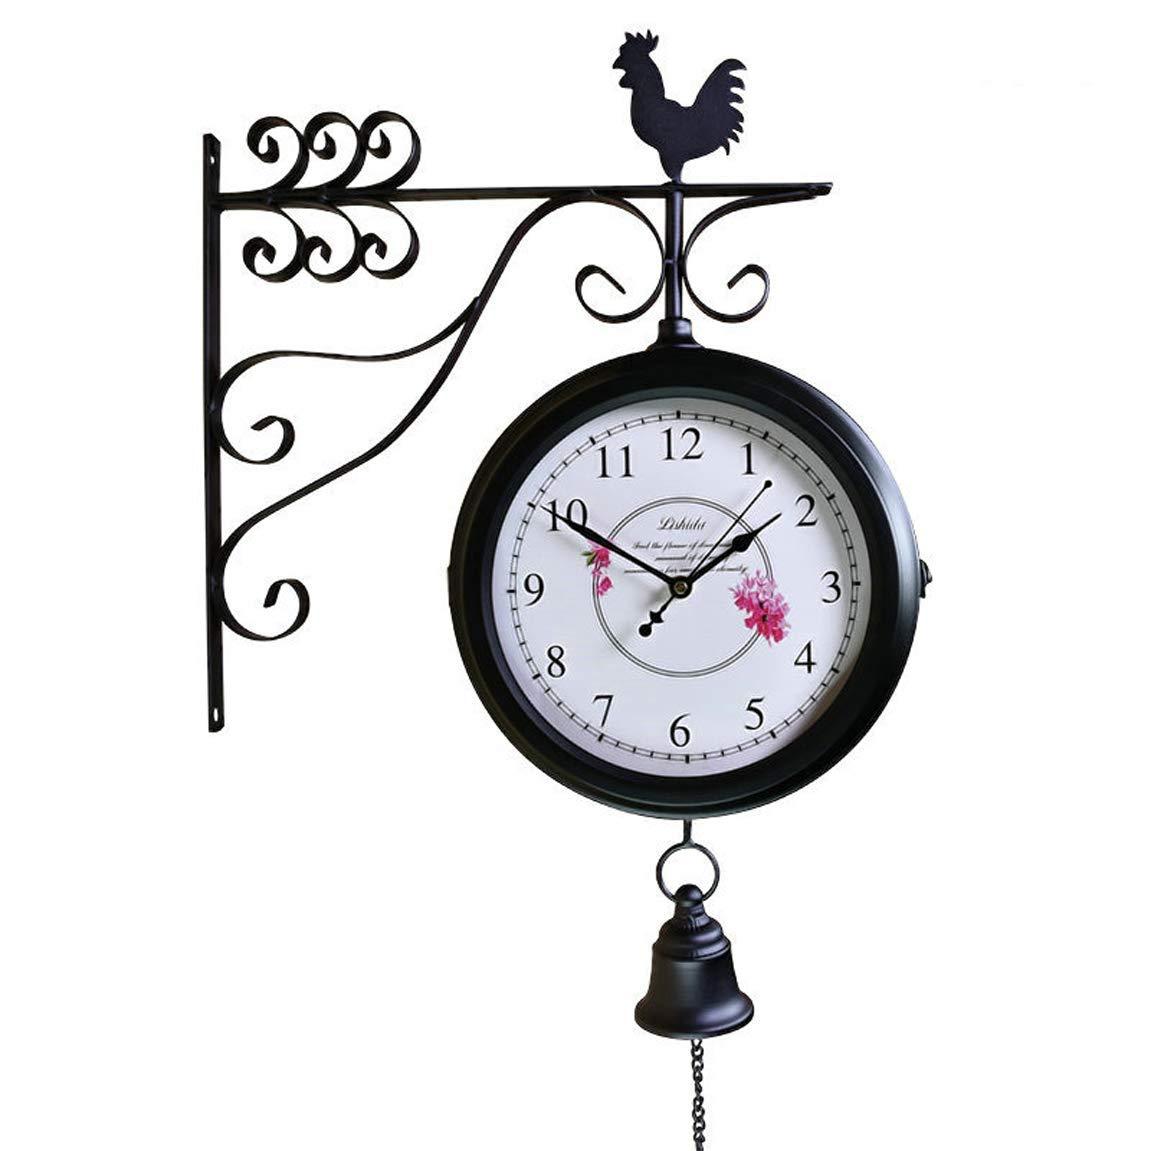 ホームデコレーションクリエイティブパーソナリティウォールクロックJYT、 アメリカンリビングルームアイロンサイレント両面時計ヨーロッパアンティークノルディックレストランの時計レトロクラフト両面時計の時計9 ファッション雑貨   B07RGJQCRH